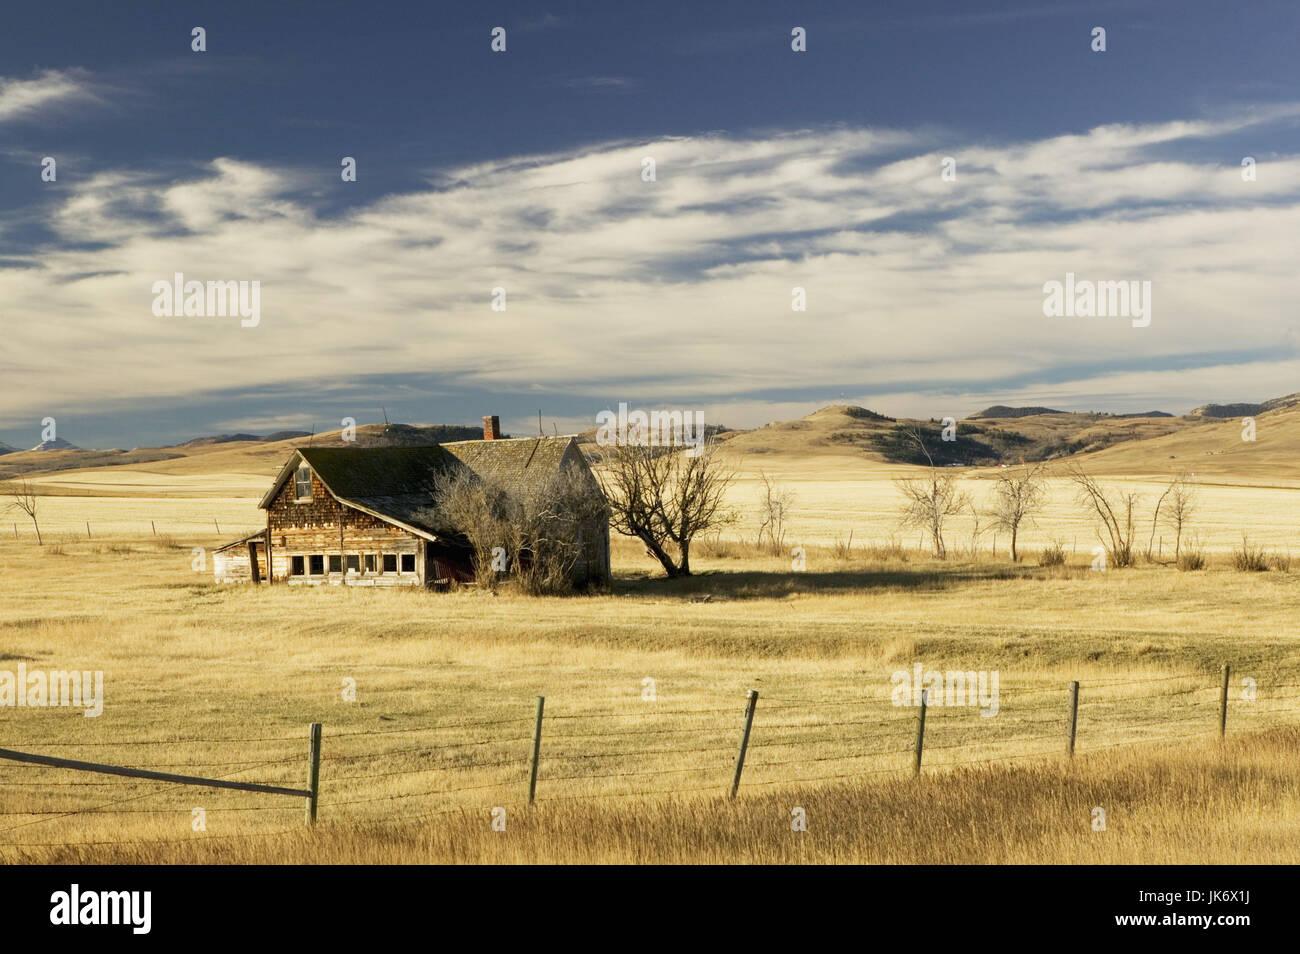 Kanada, Alberta, Cowley, Ranch   Mau_Set, Nordamerika, westliche Prärieprovinz, Holzhaus, alt, Weiden, Felder, - Stock Image